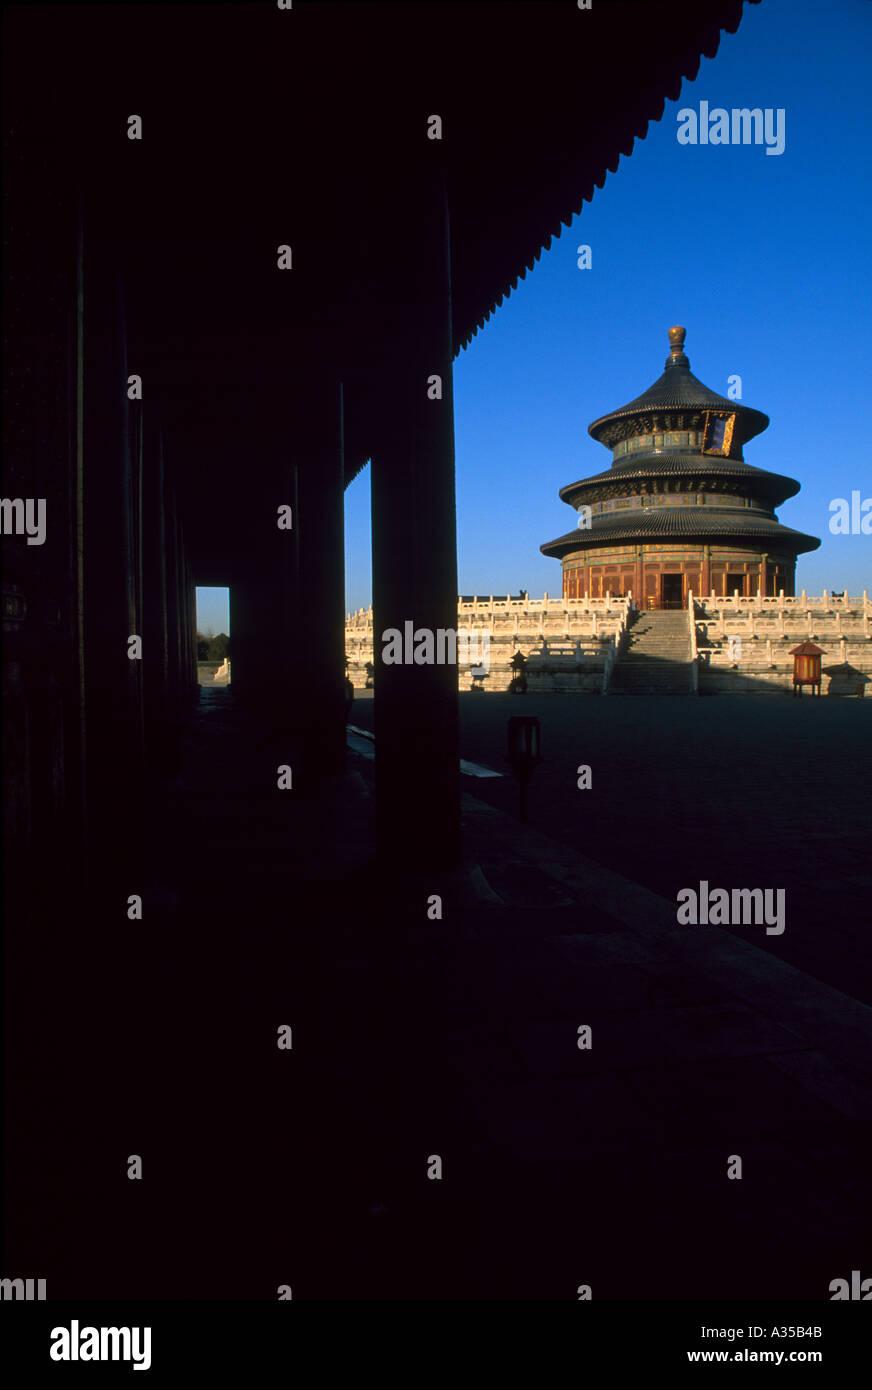 Temple of Heaven Beijing 2 - Stock Image